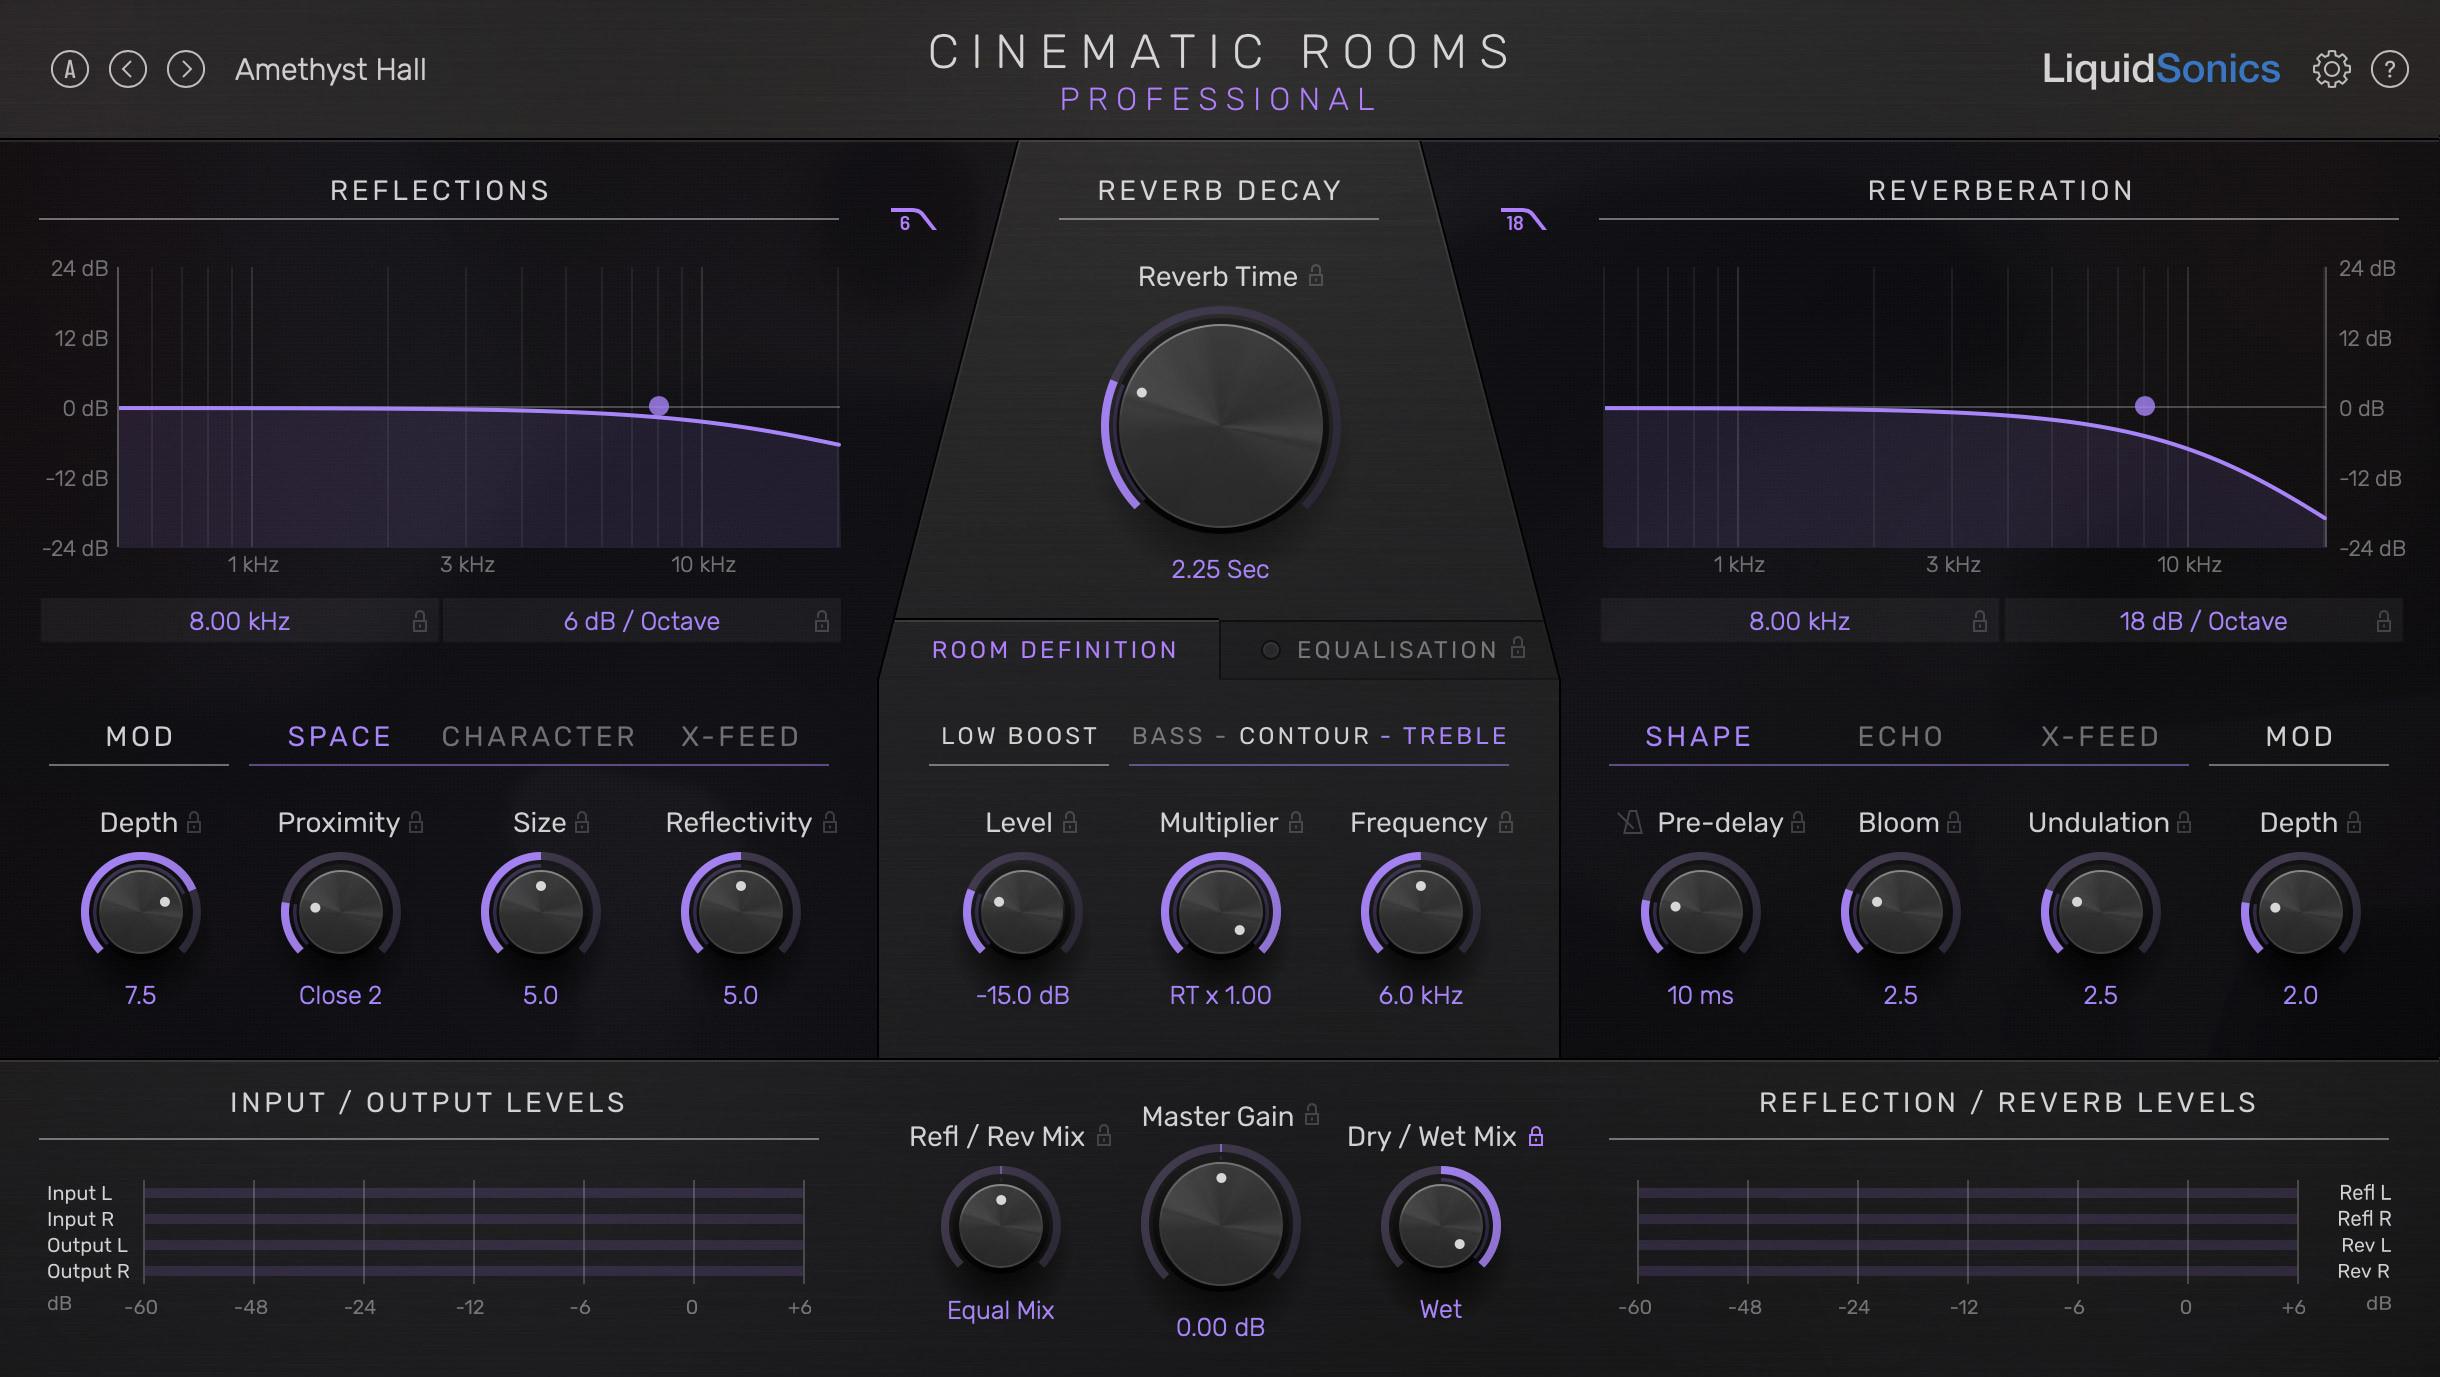 Cinematic Rooms Pro Main UI